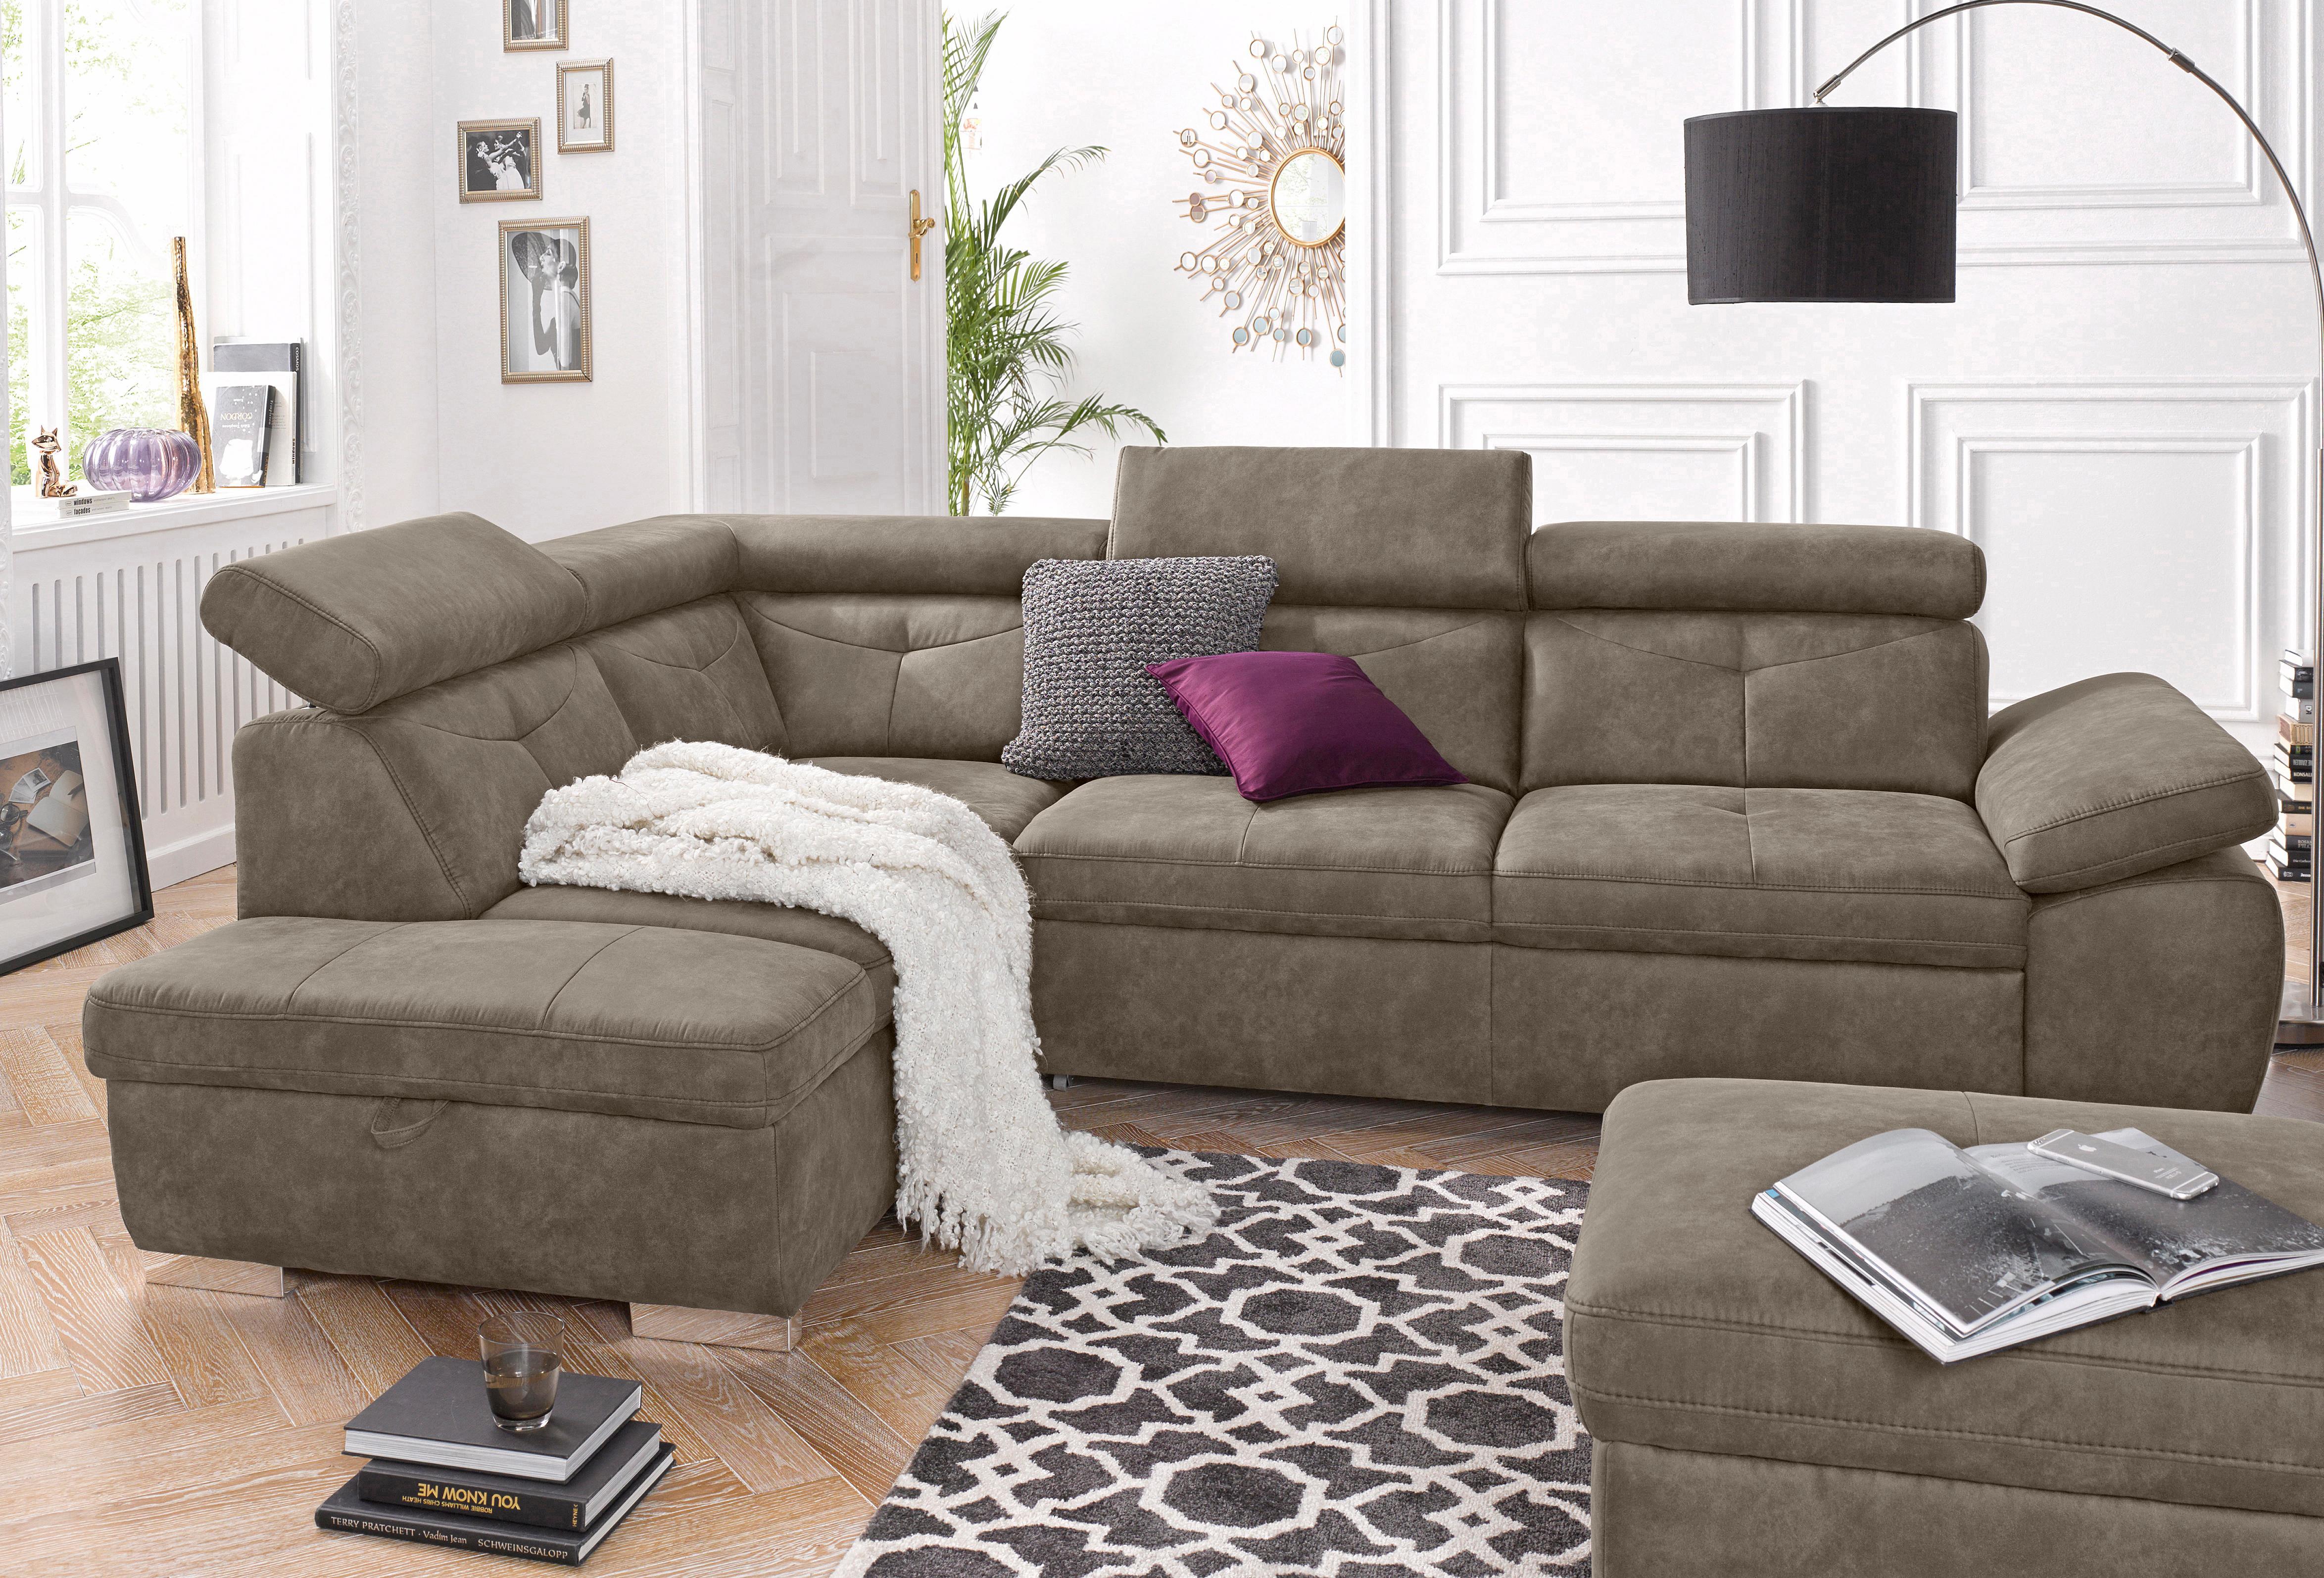 GALA COLLEZIONE Polsterecke, wahlweise mit Bettfunktion | Wohnzimmer > Sofas & Couches > Ecksofas & Eckcouches | Microfaser - Kunstleder | GALA COLLEZIONE